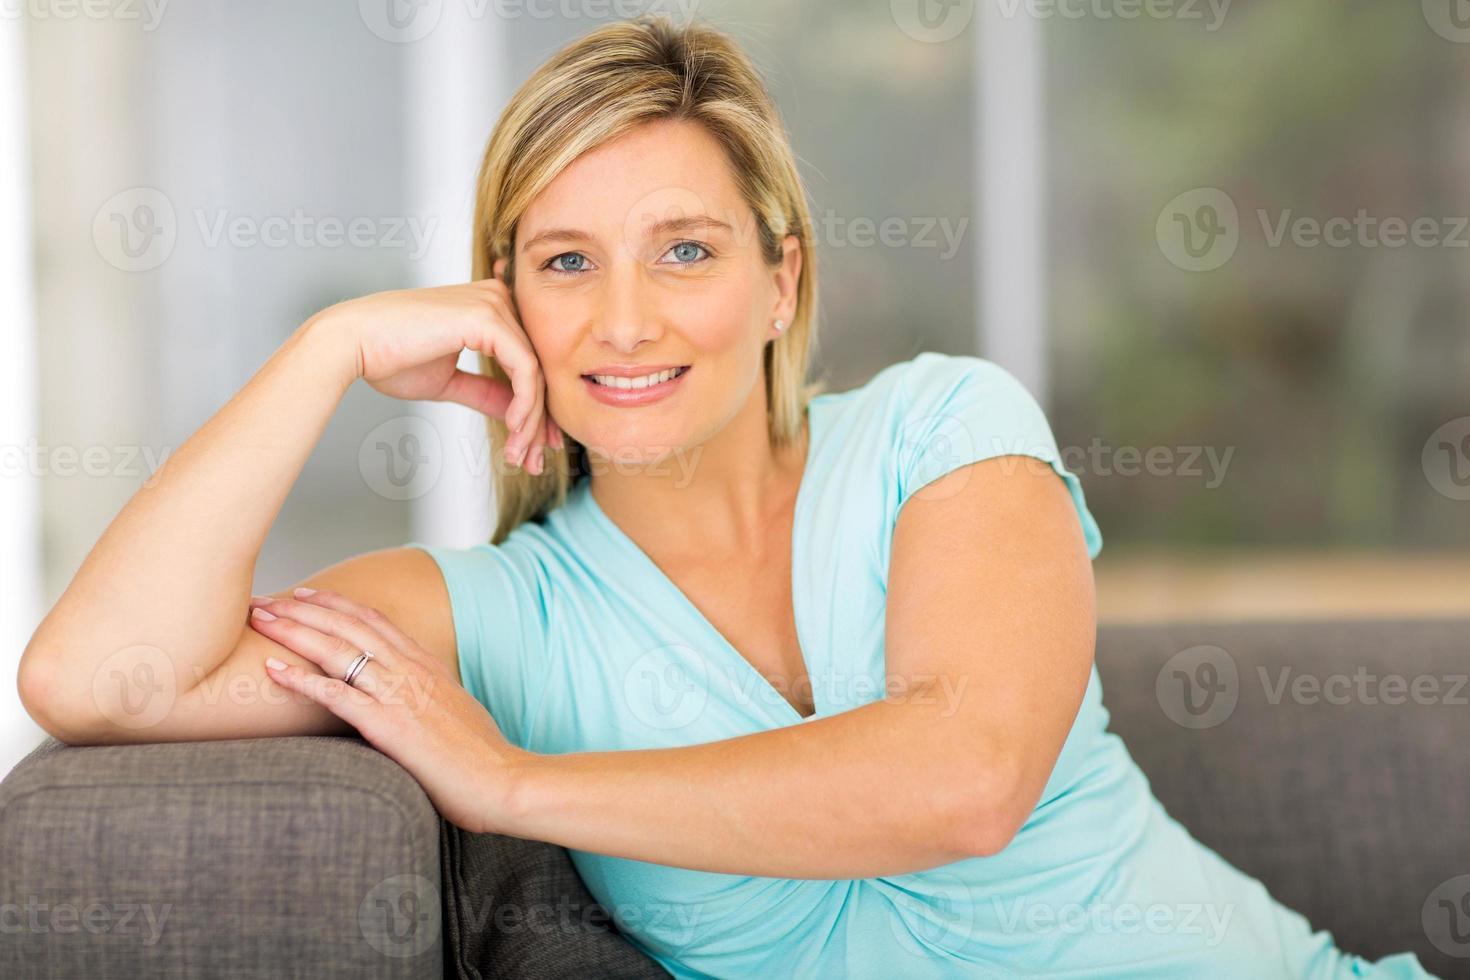 zwangere vrouw thuis ontspannen foto